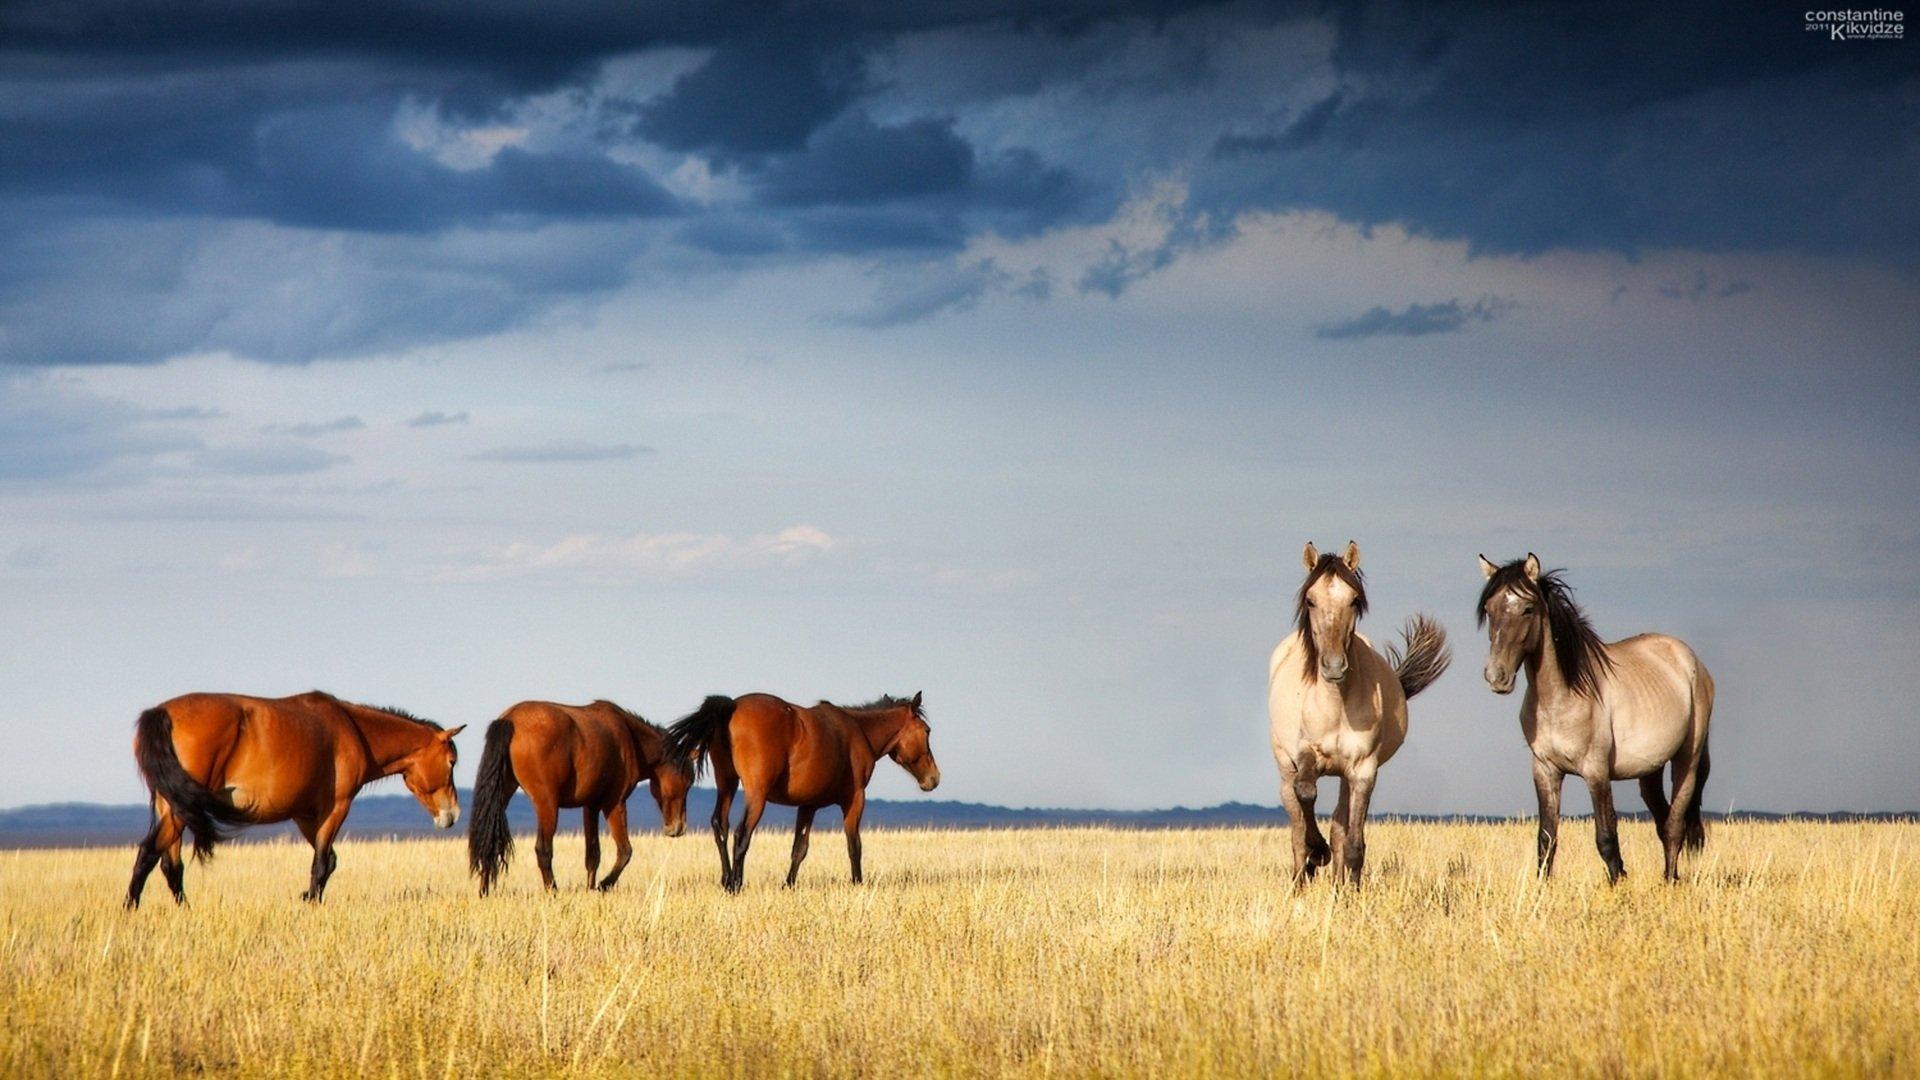 wallpaper-cartoons-animals-horses-wallpapers